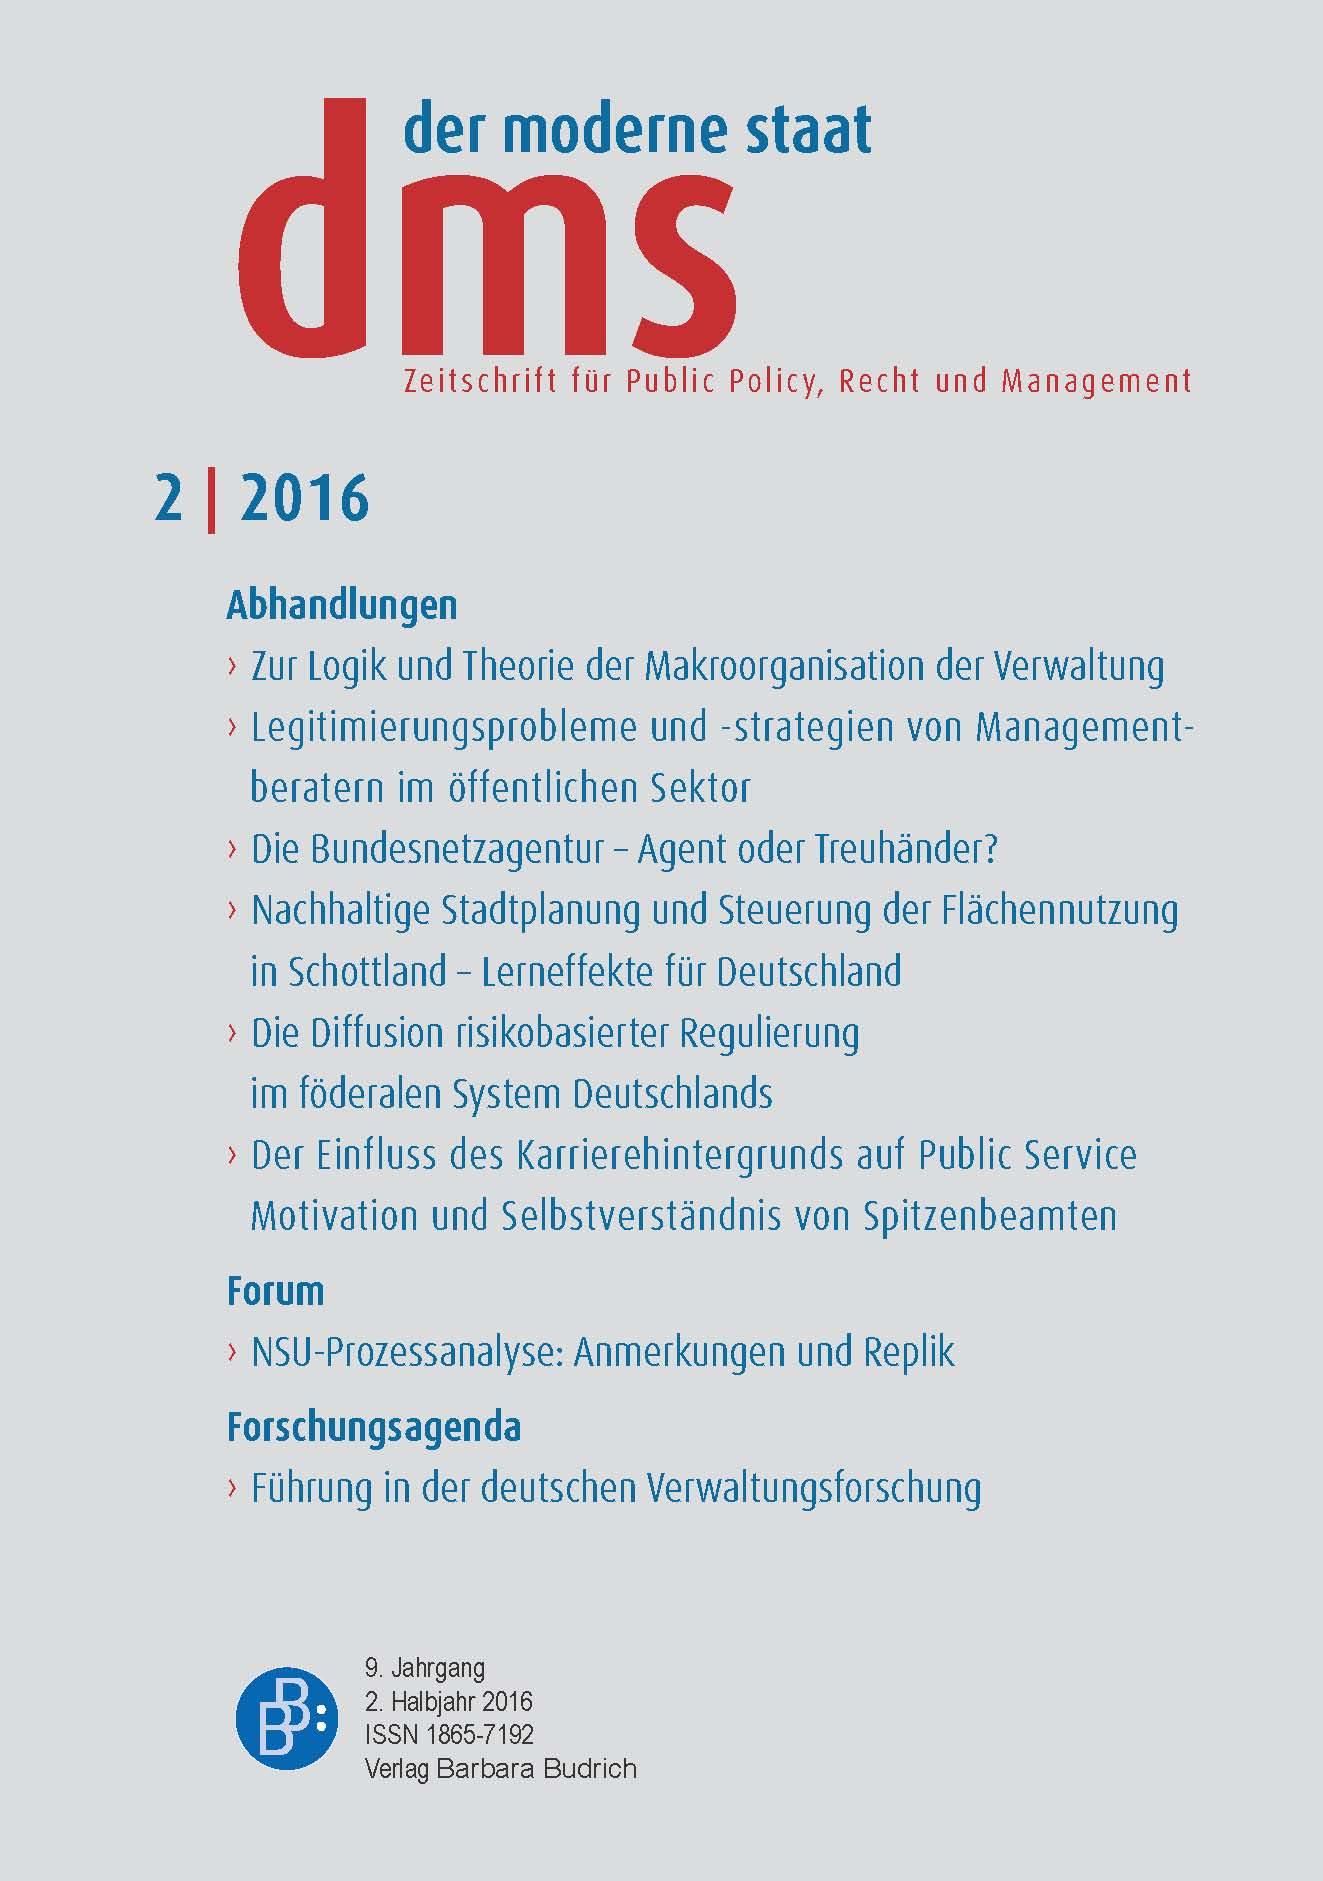 dms – der moderne staat – Zeitschrift für Public Policy, Recht und Management 2-2016: Freie Beiträge